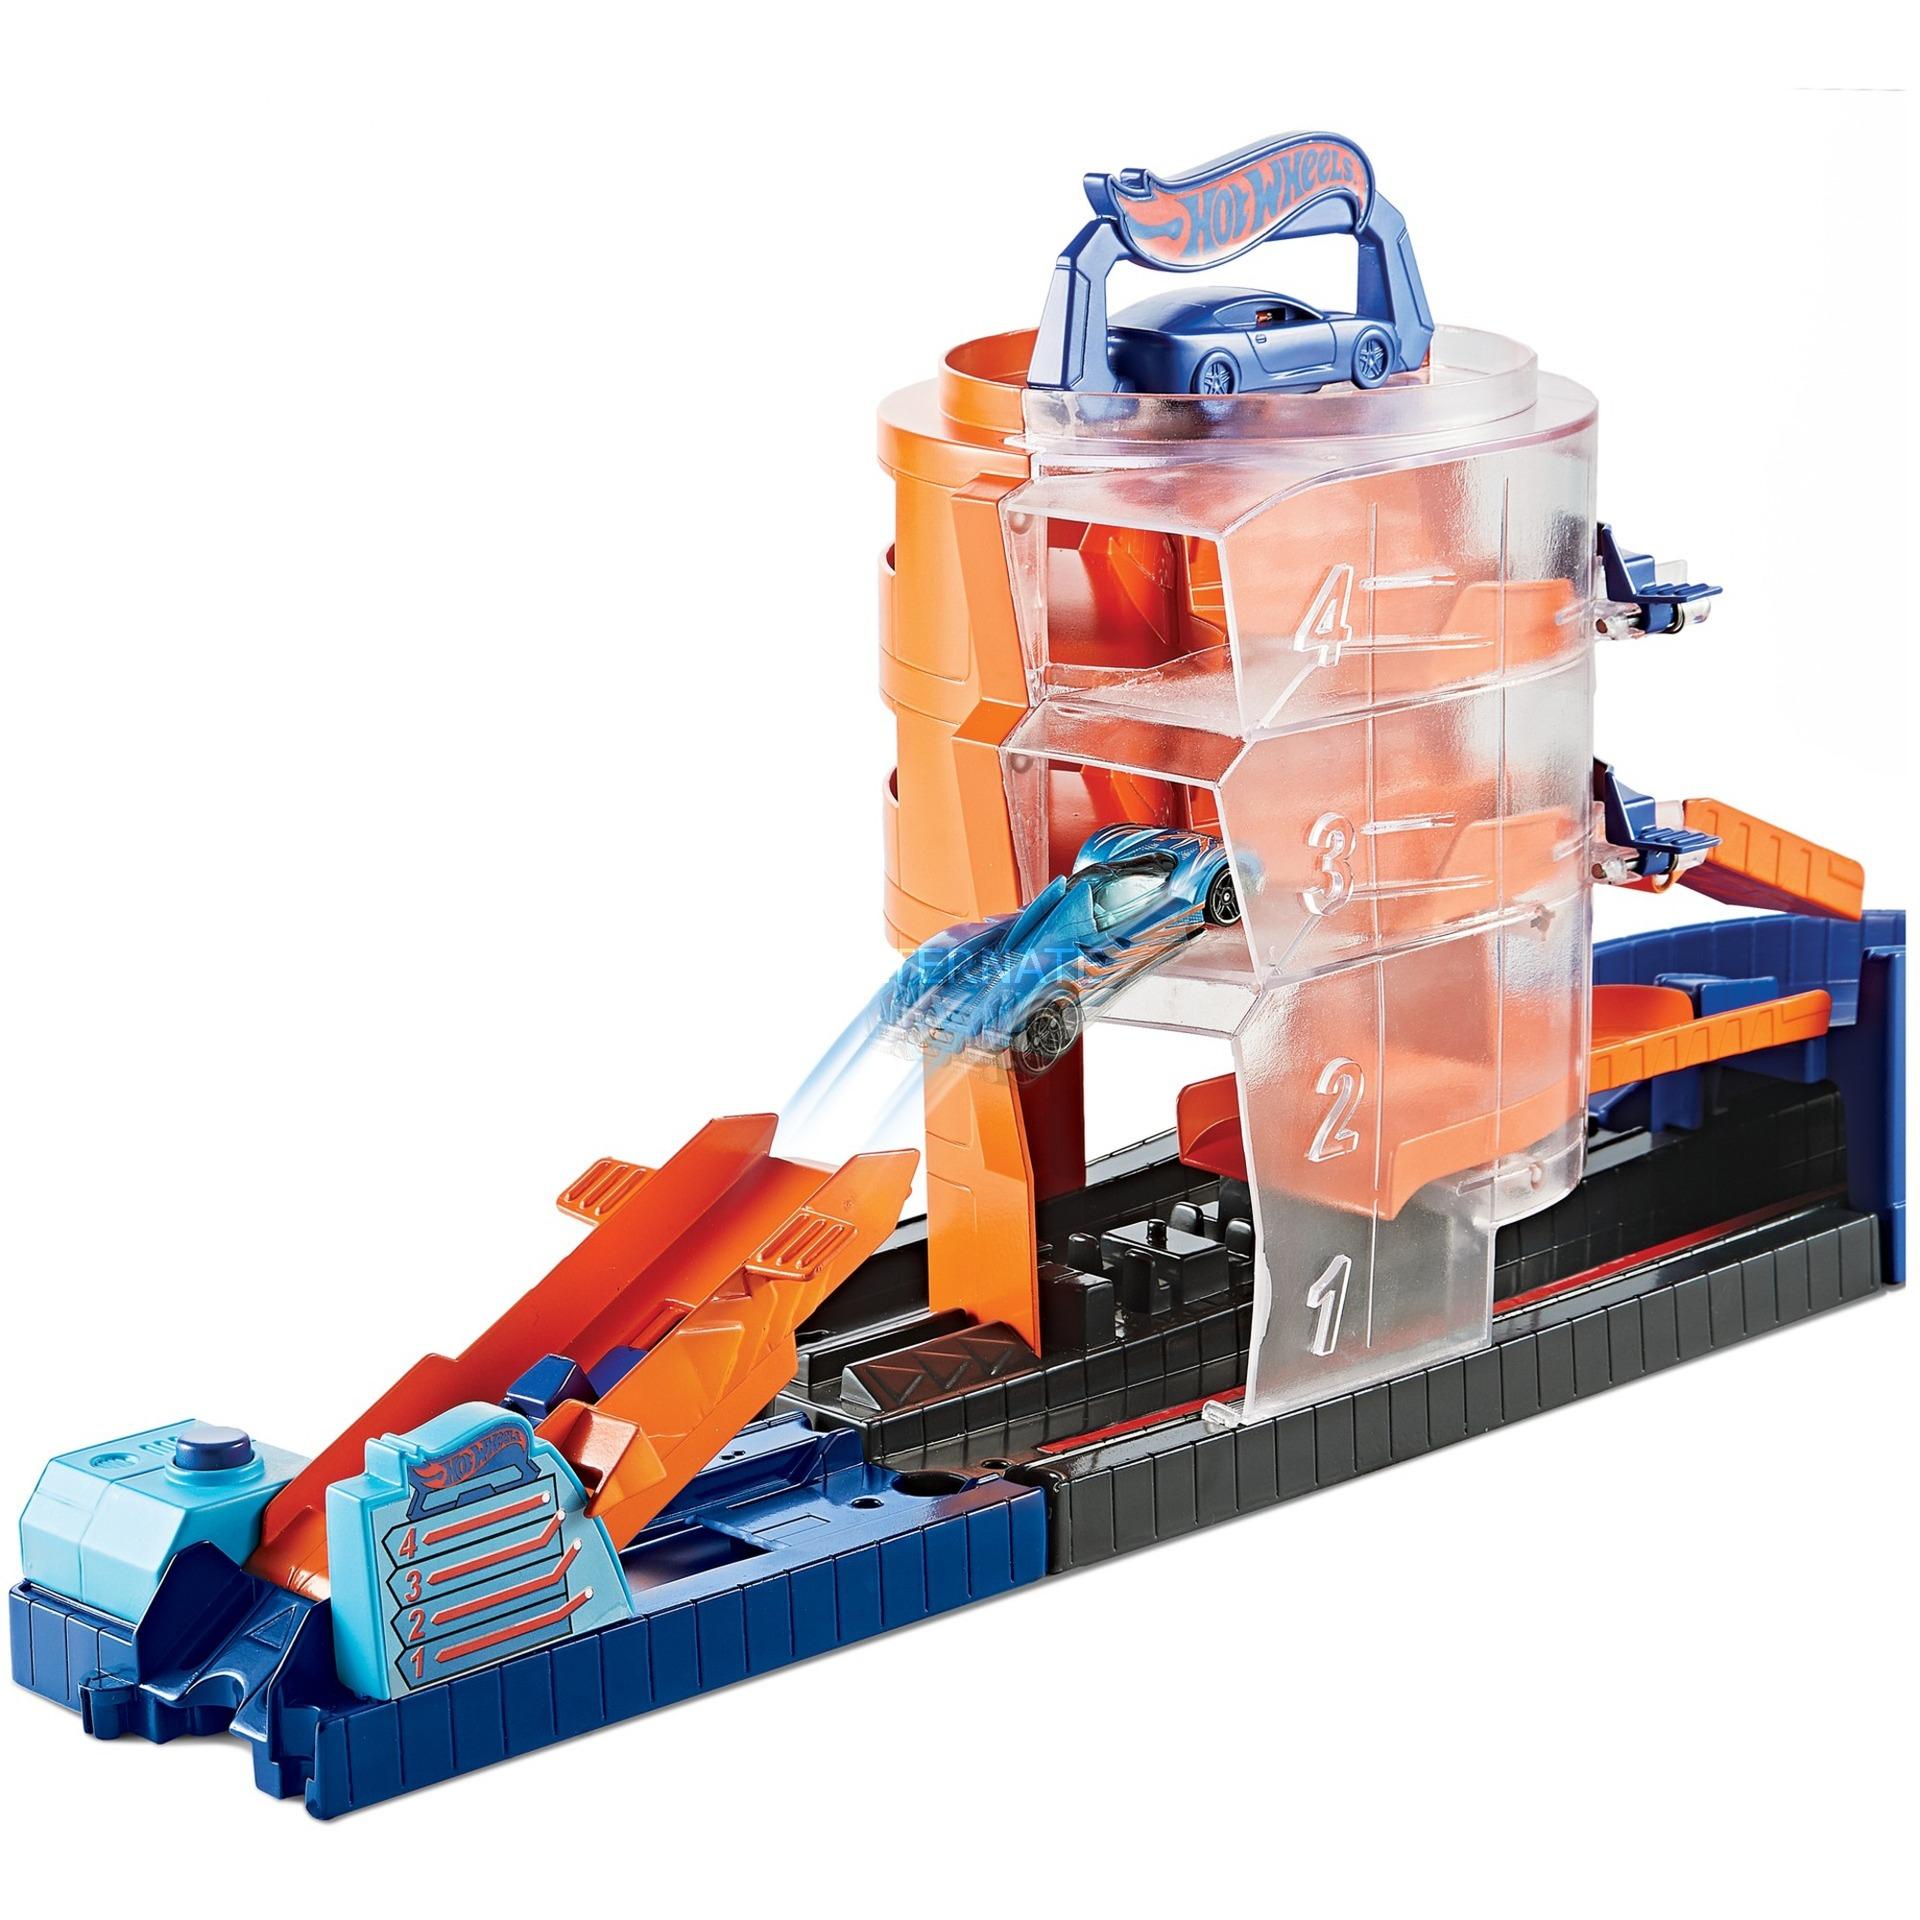 City Super Spin Dealership pista para vehículos de juguete De plástico, Juego de construcción